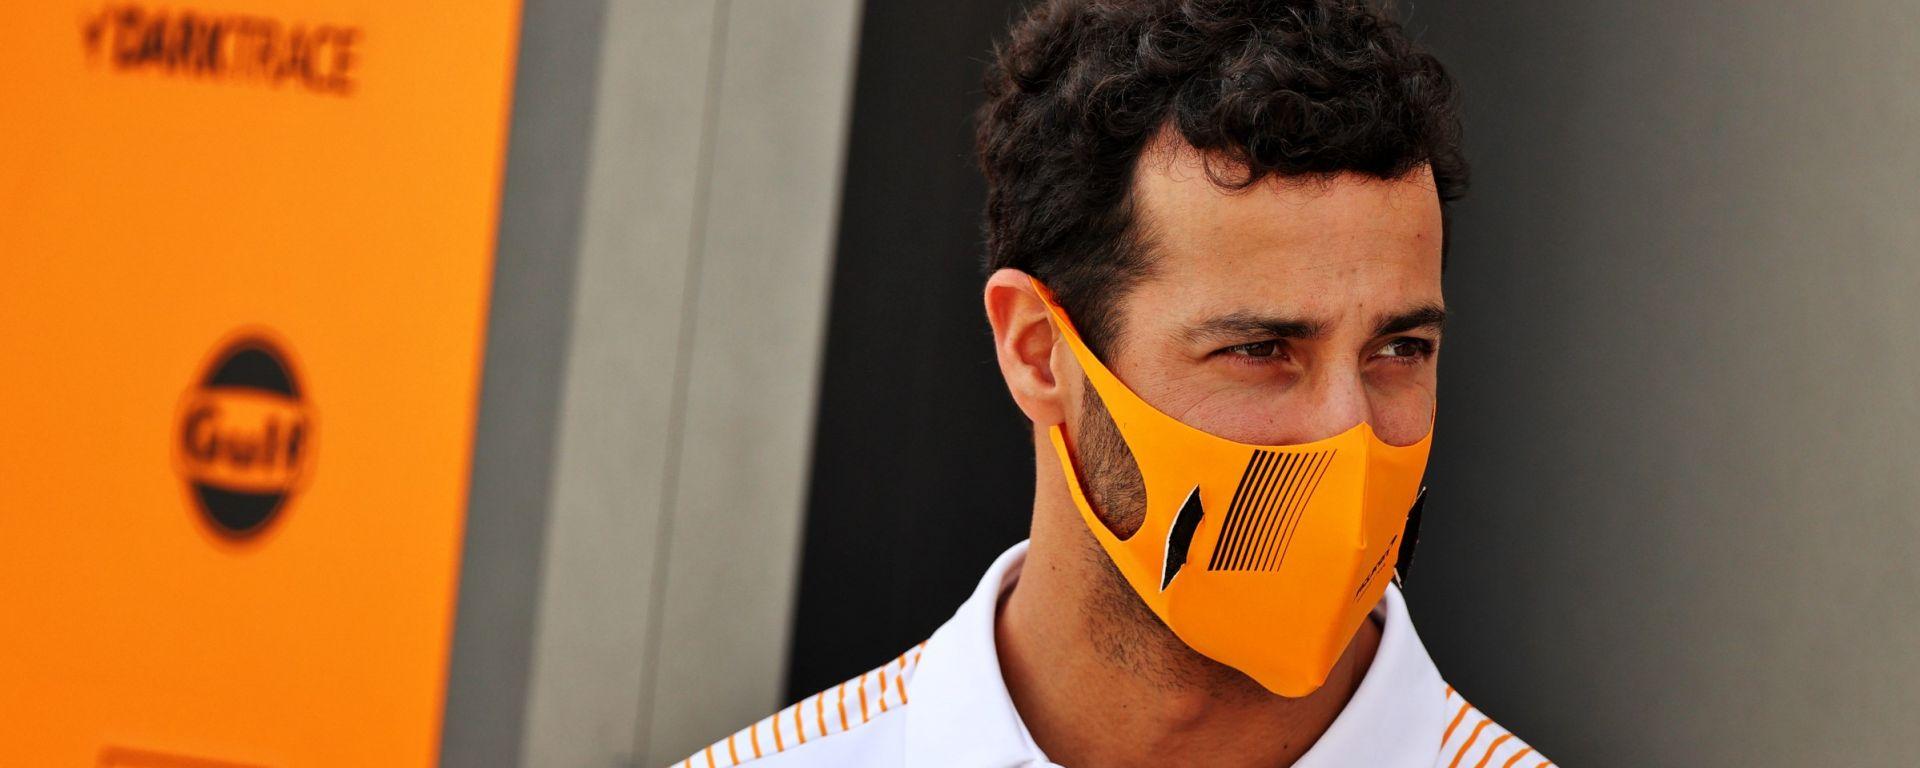 F1 2021: Daniel Ricciardo (McLaren)